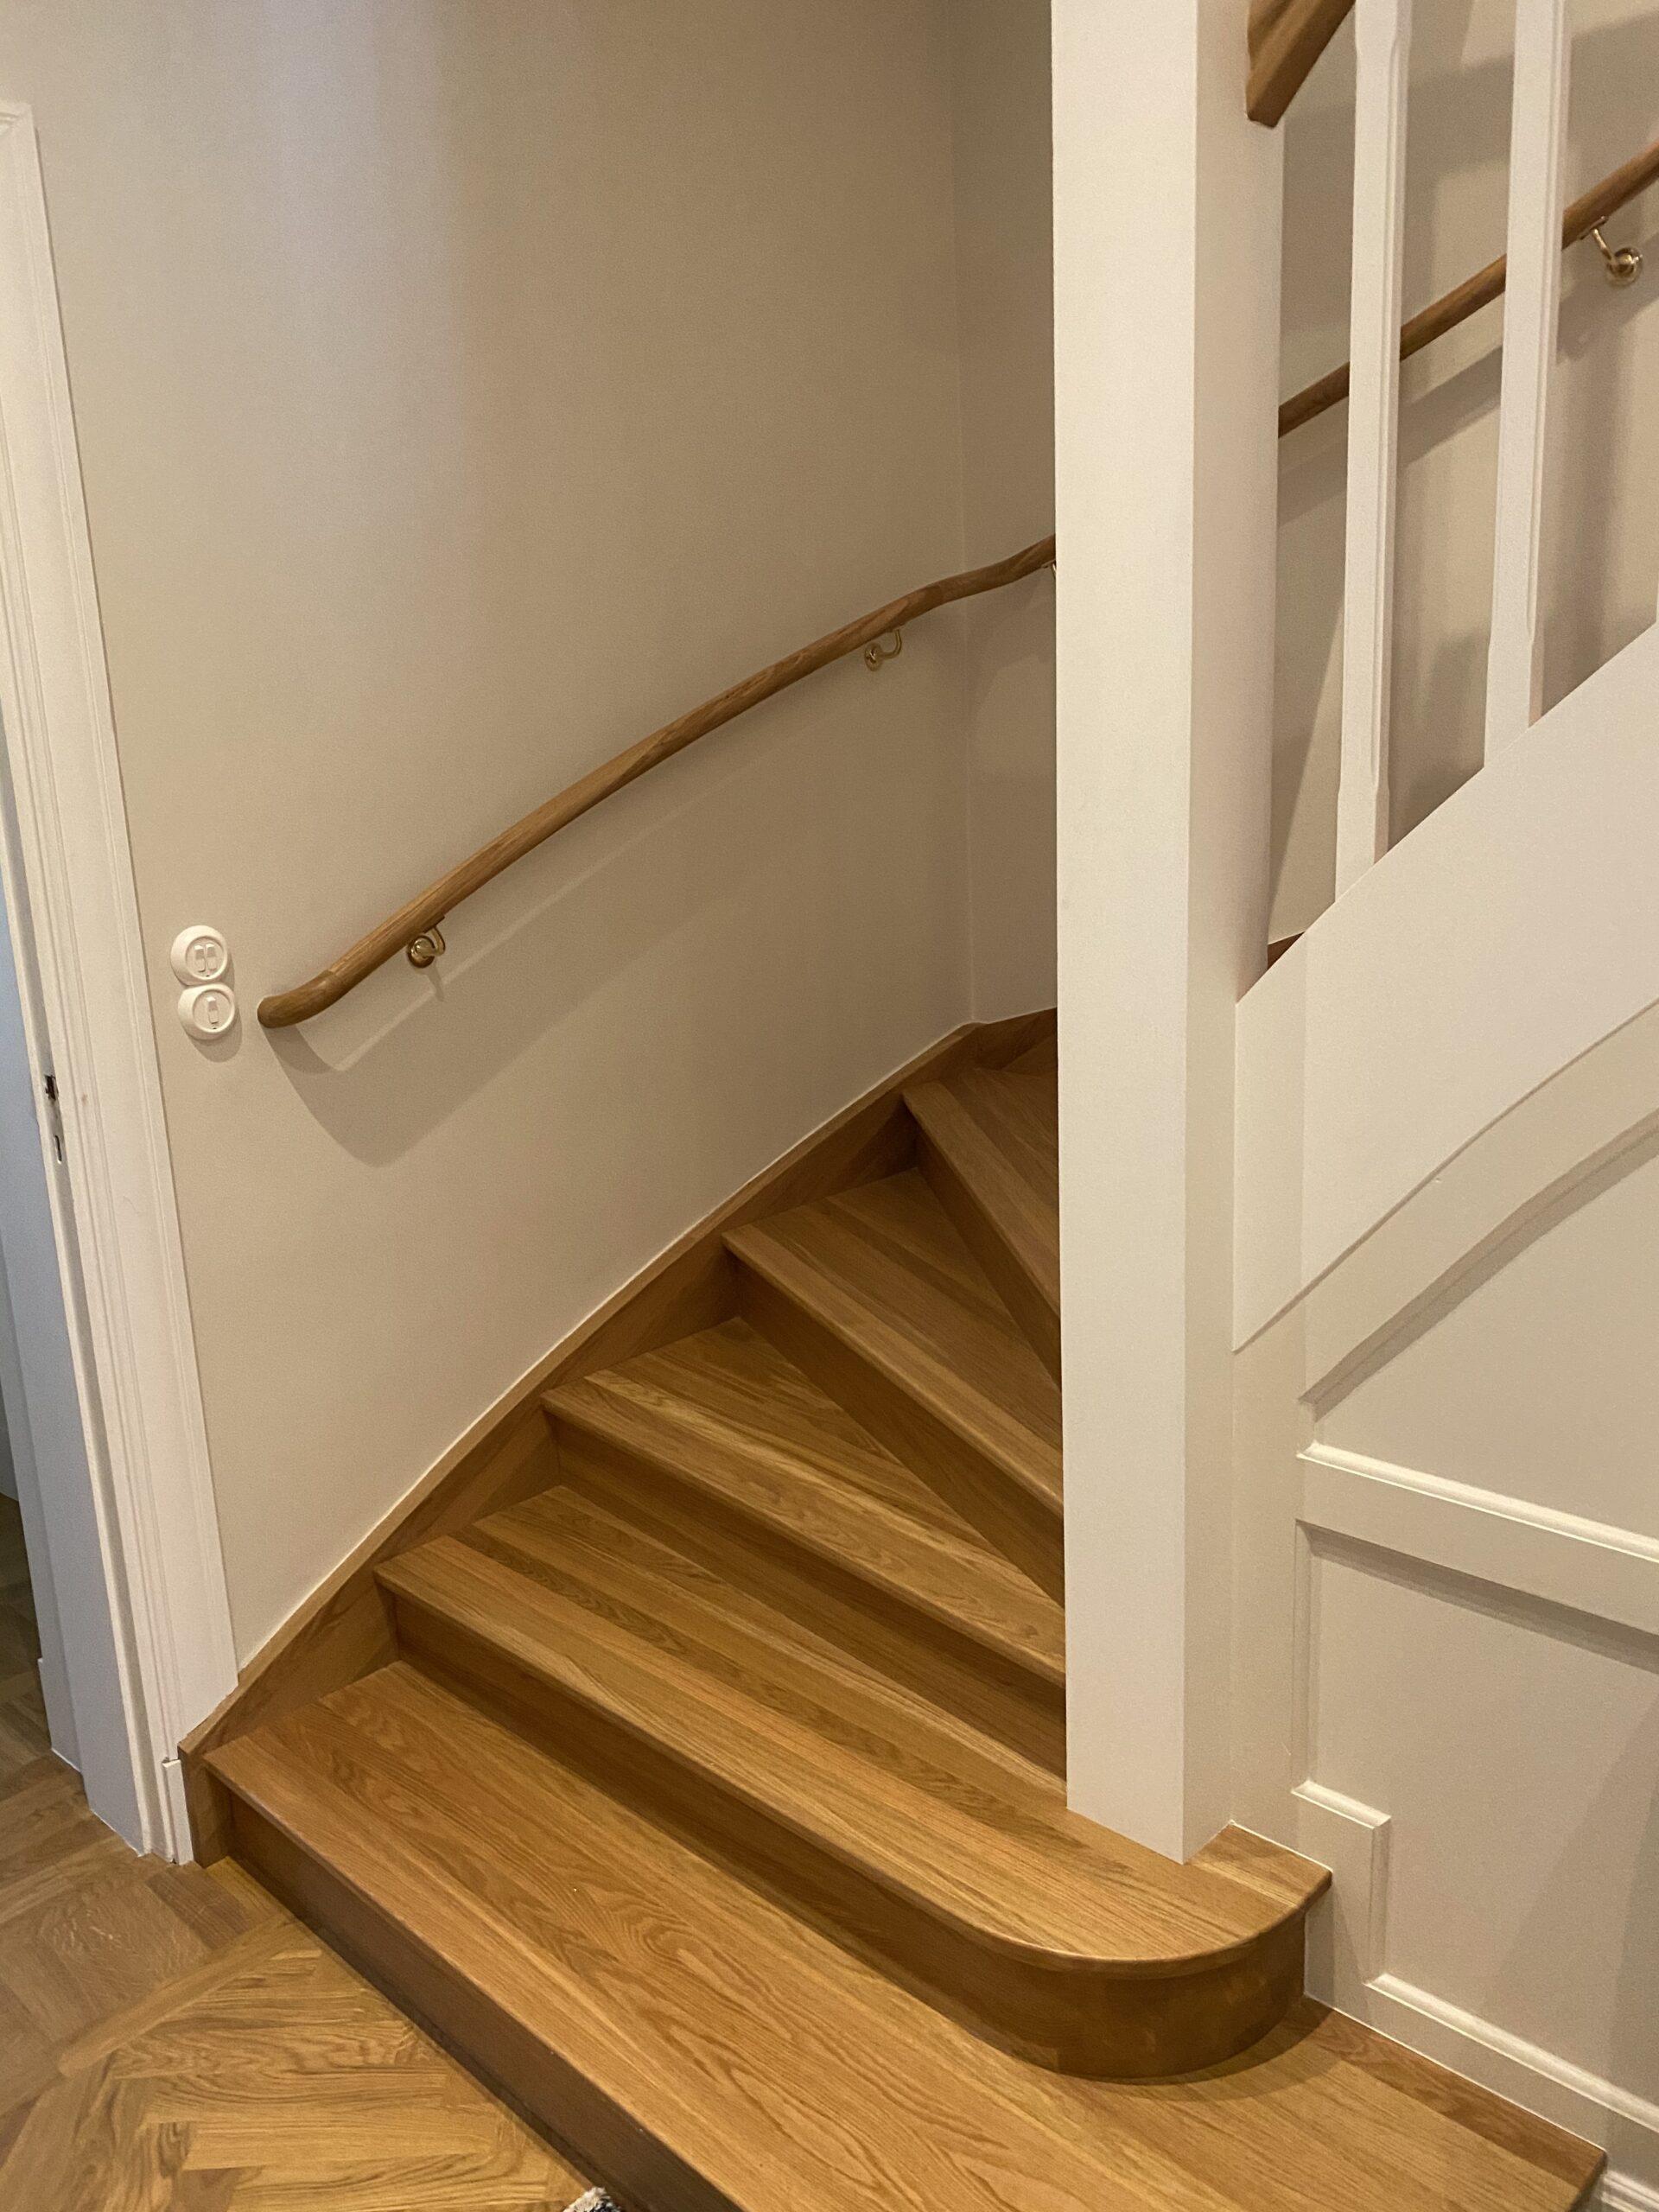 trappavsats, trappa i trä med vita detaljer